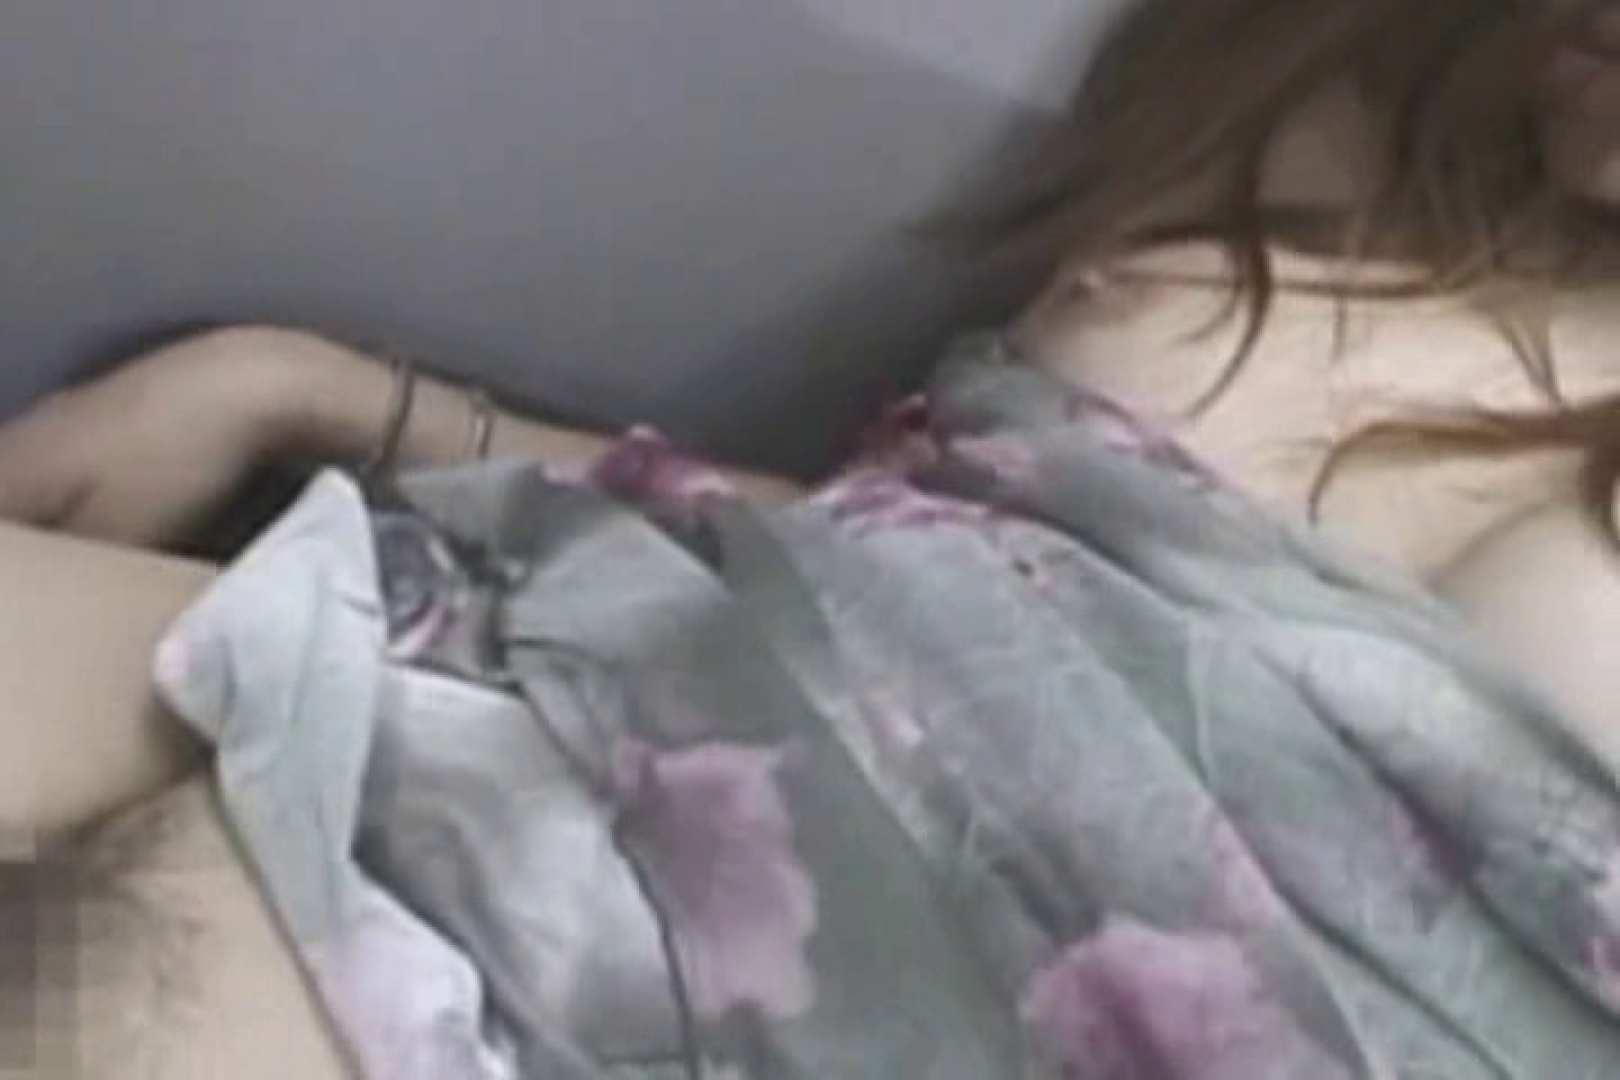 ぶっ掛け電車 只今運行中Vol.2 喘ぎ ワレメ動画紹介 110画像 53